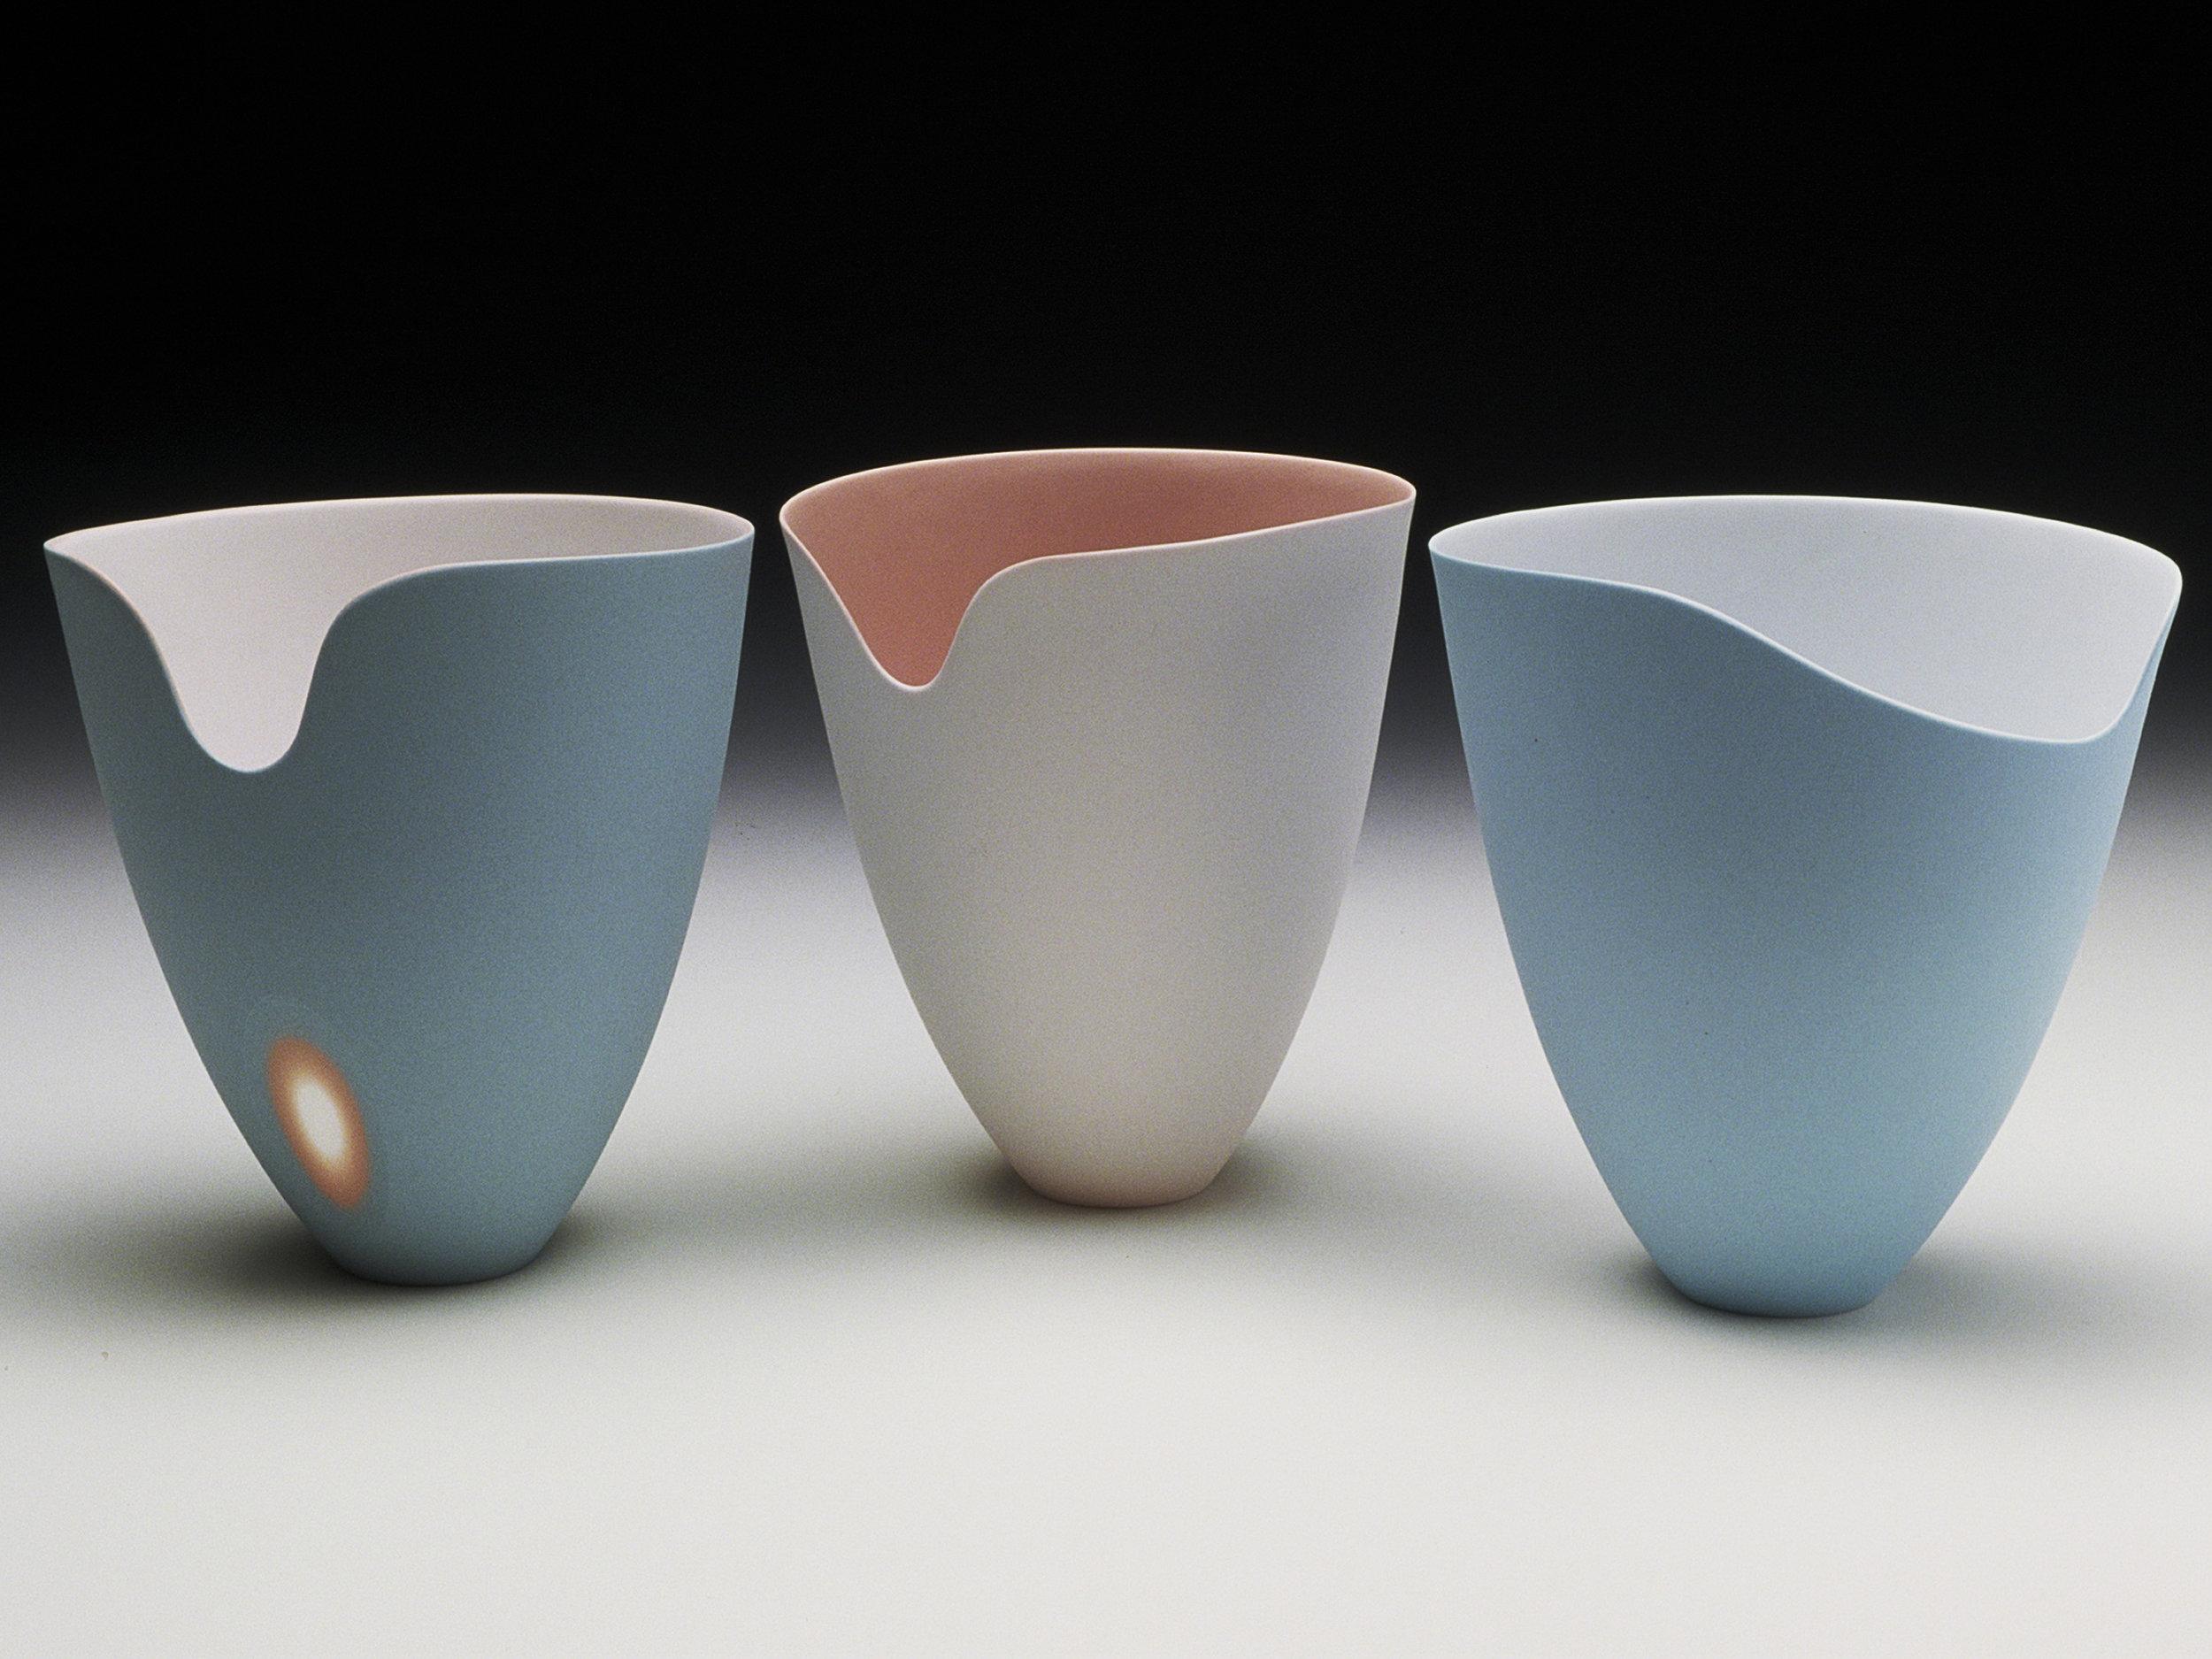 Azure Blue, Coral Pink - 12 cm h